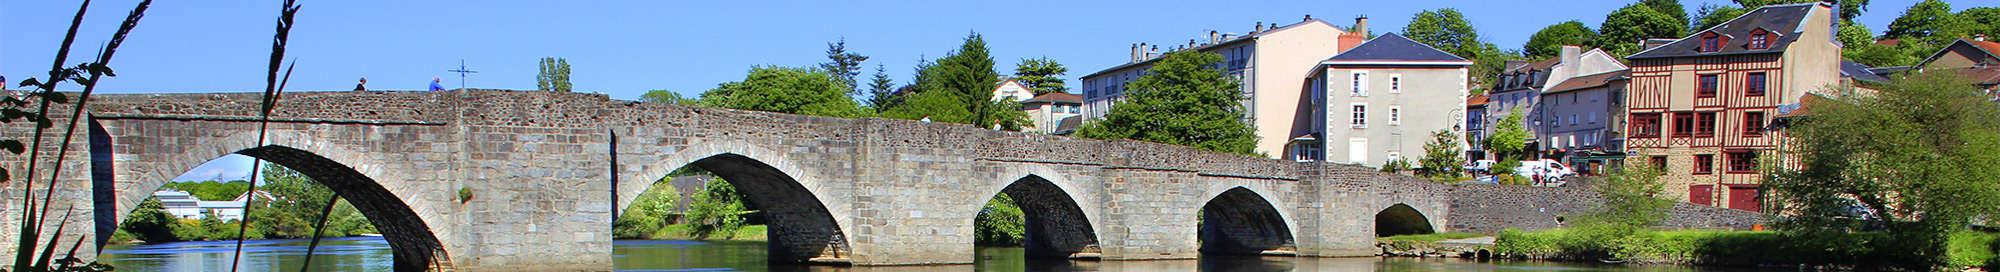 Escapadas fin de semana en Limoges